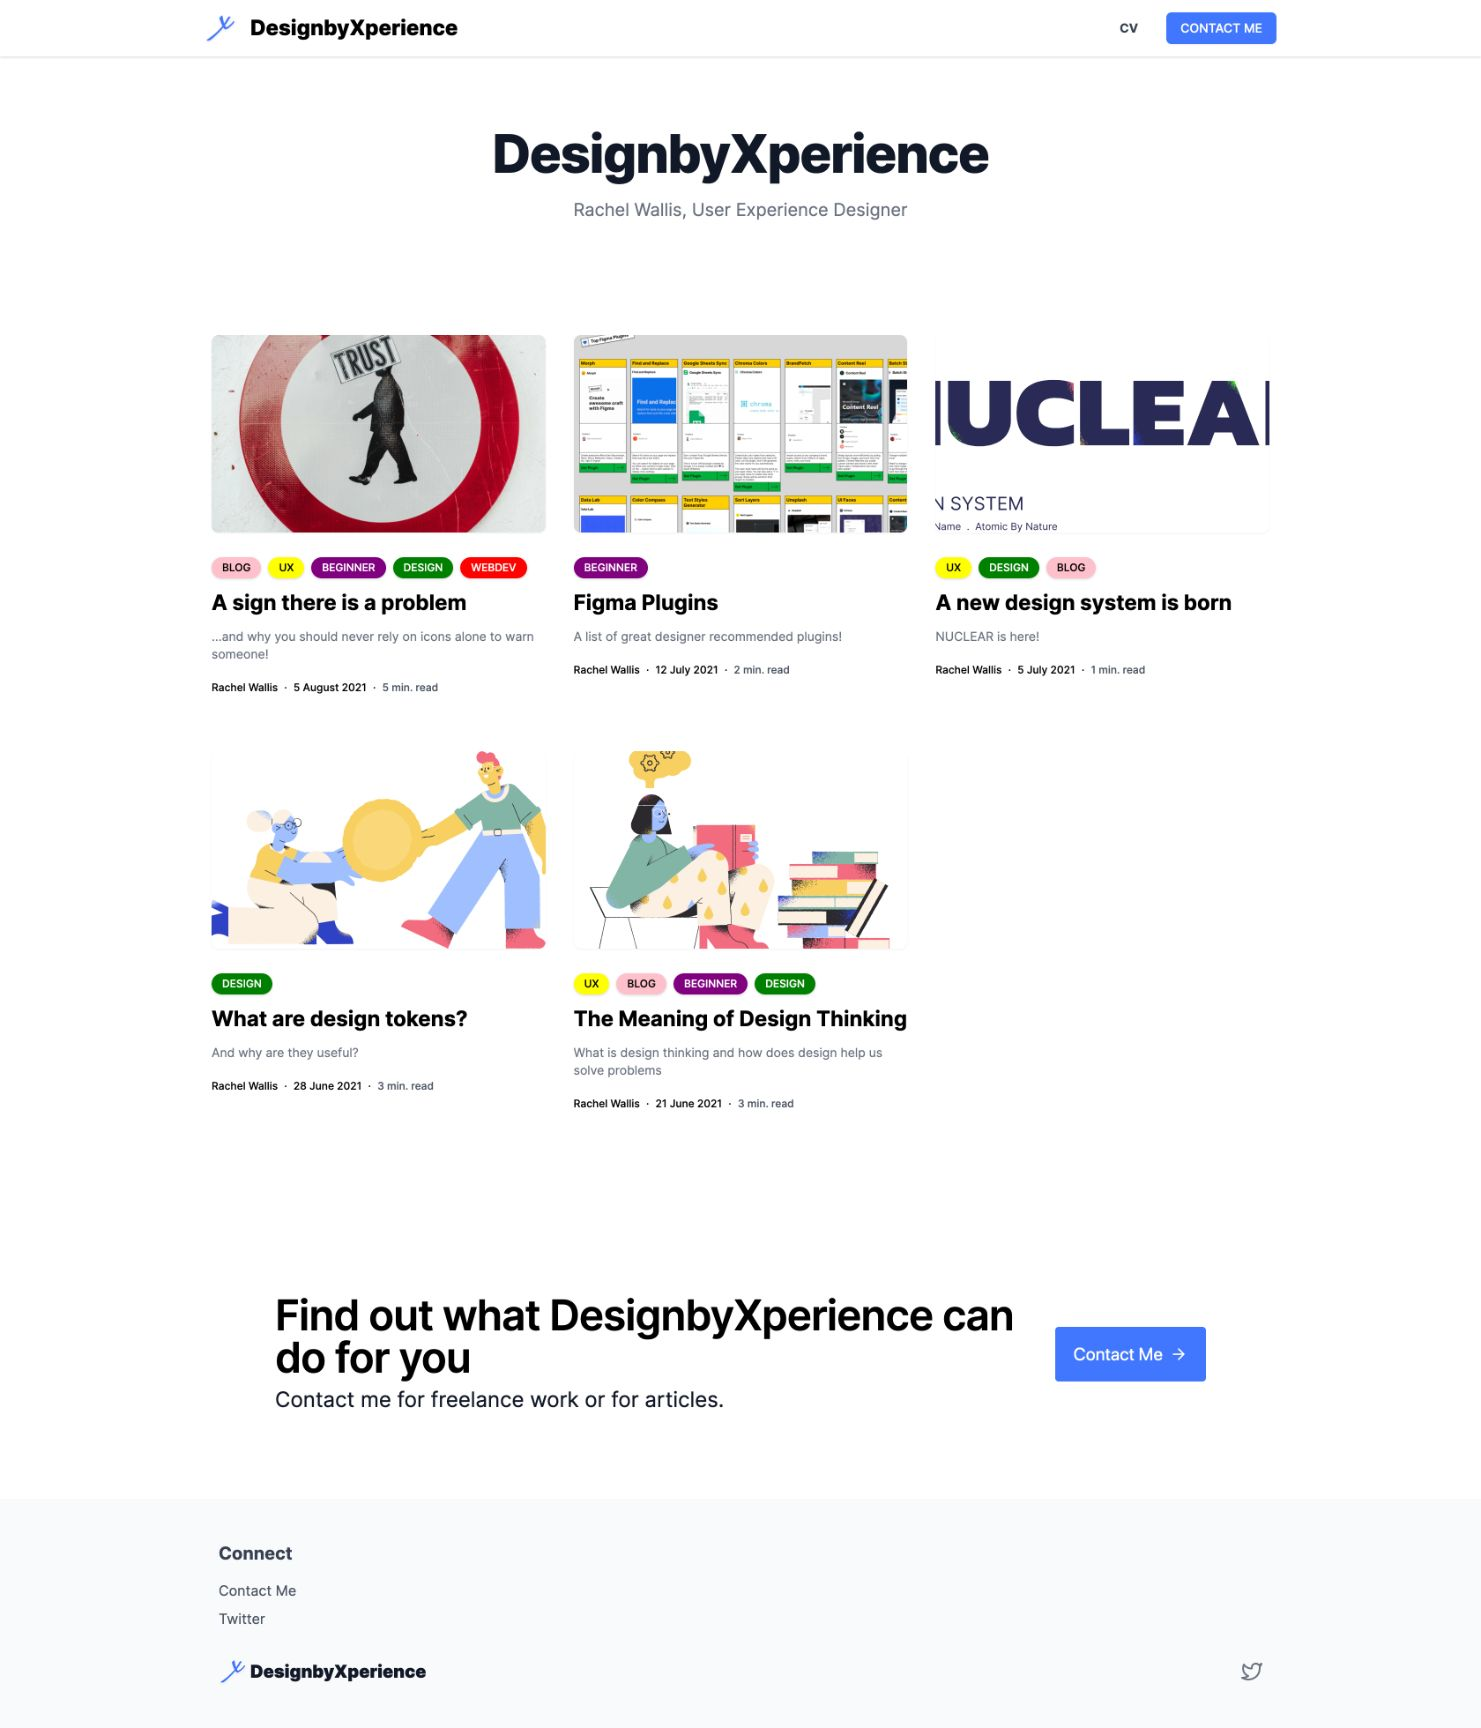 Designbyxperience.com